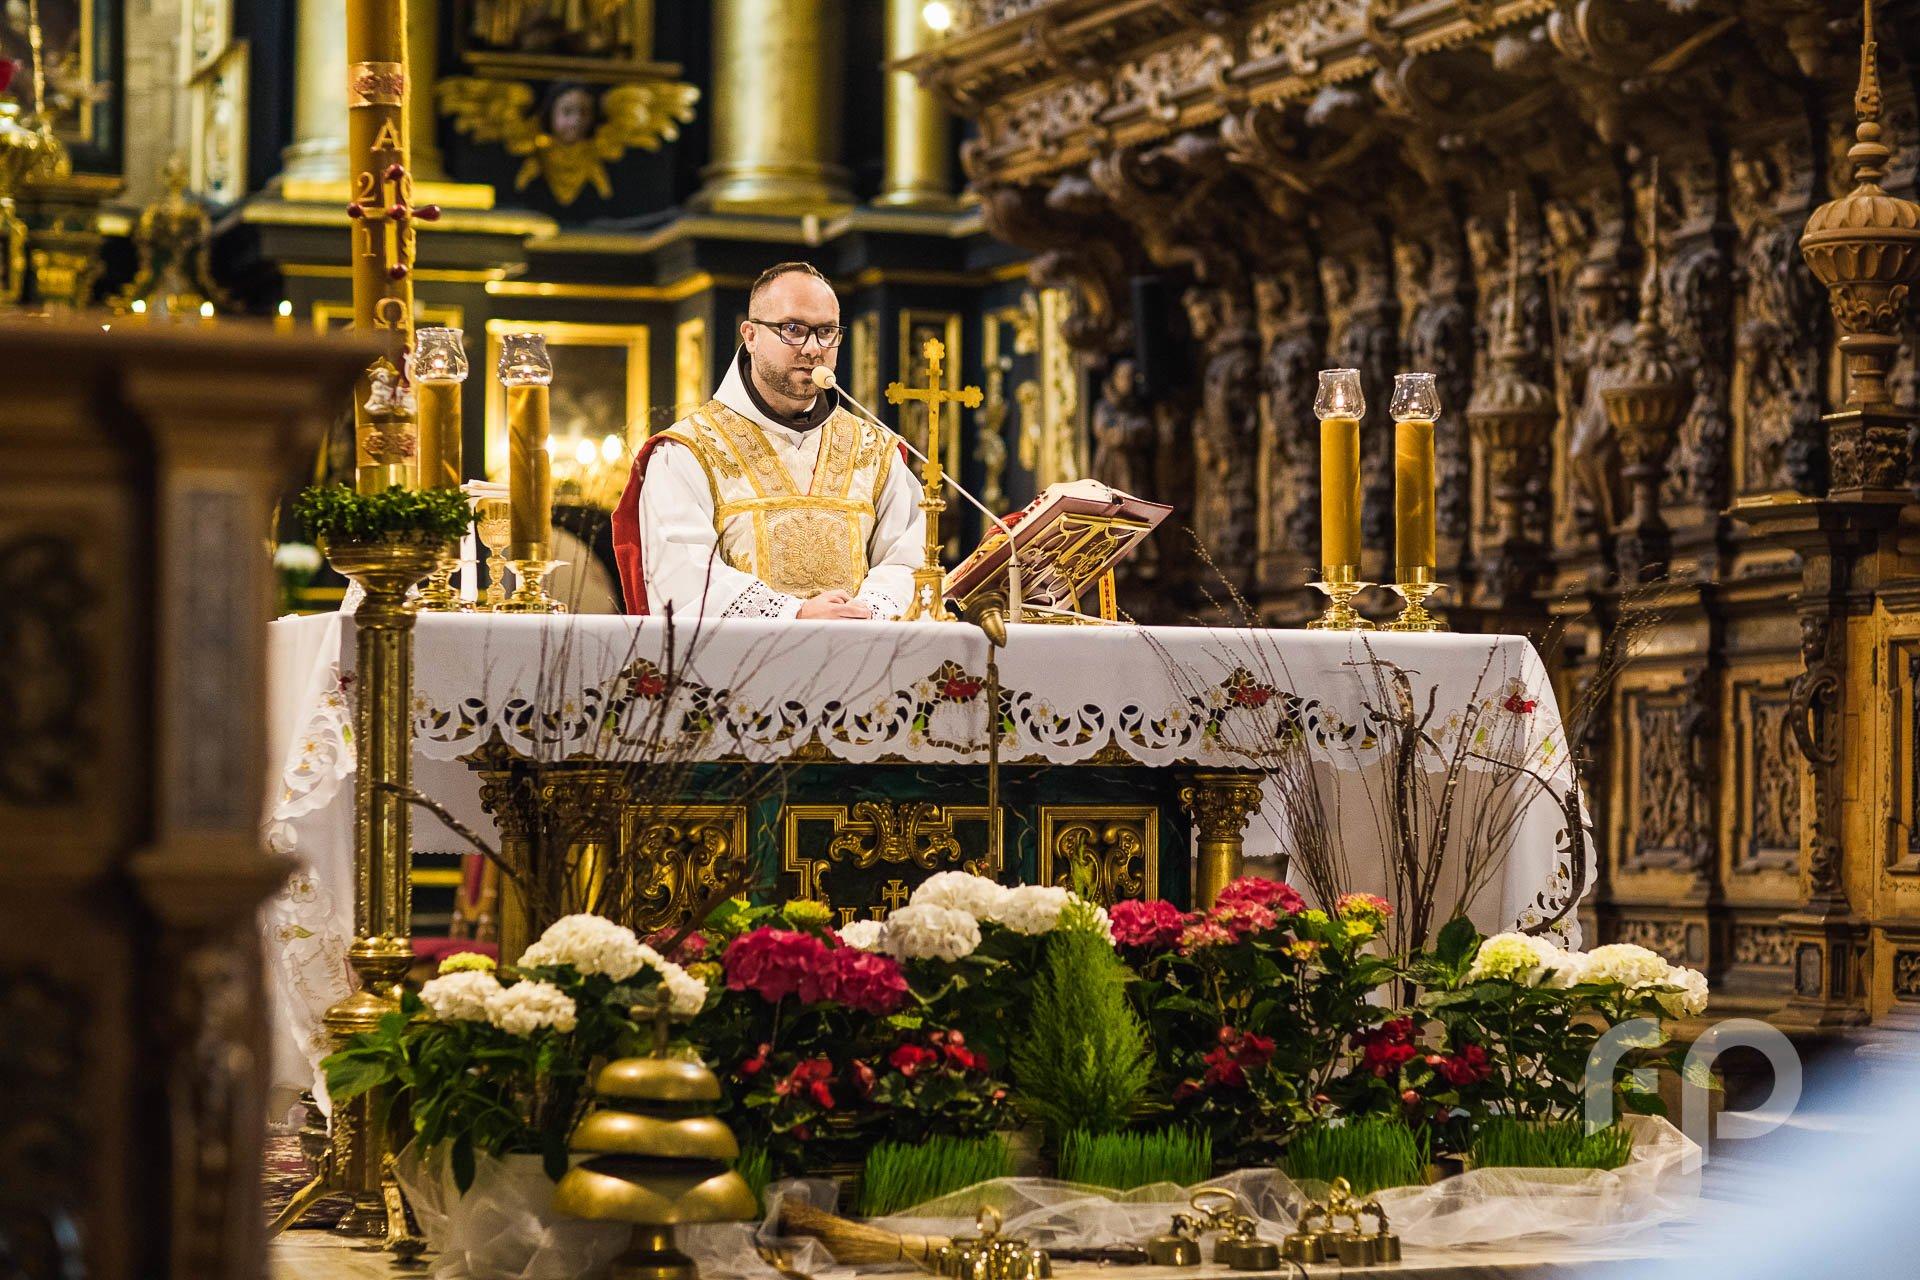 czytanie księdza w klasztorze